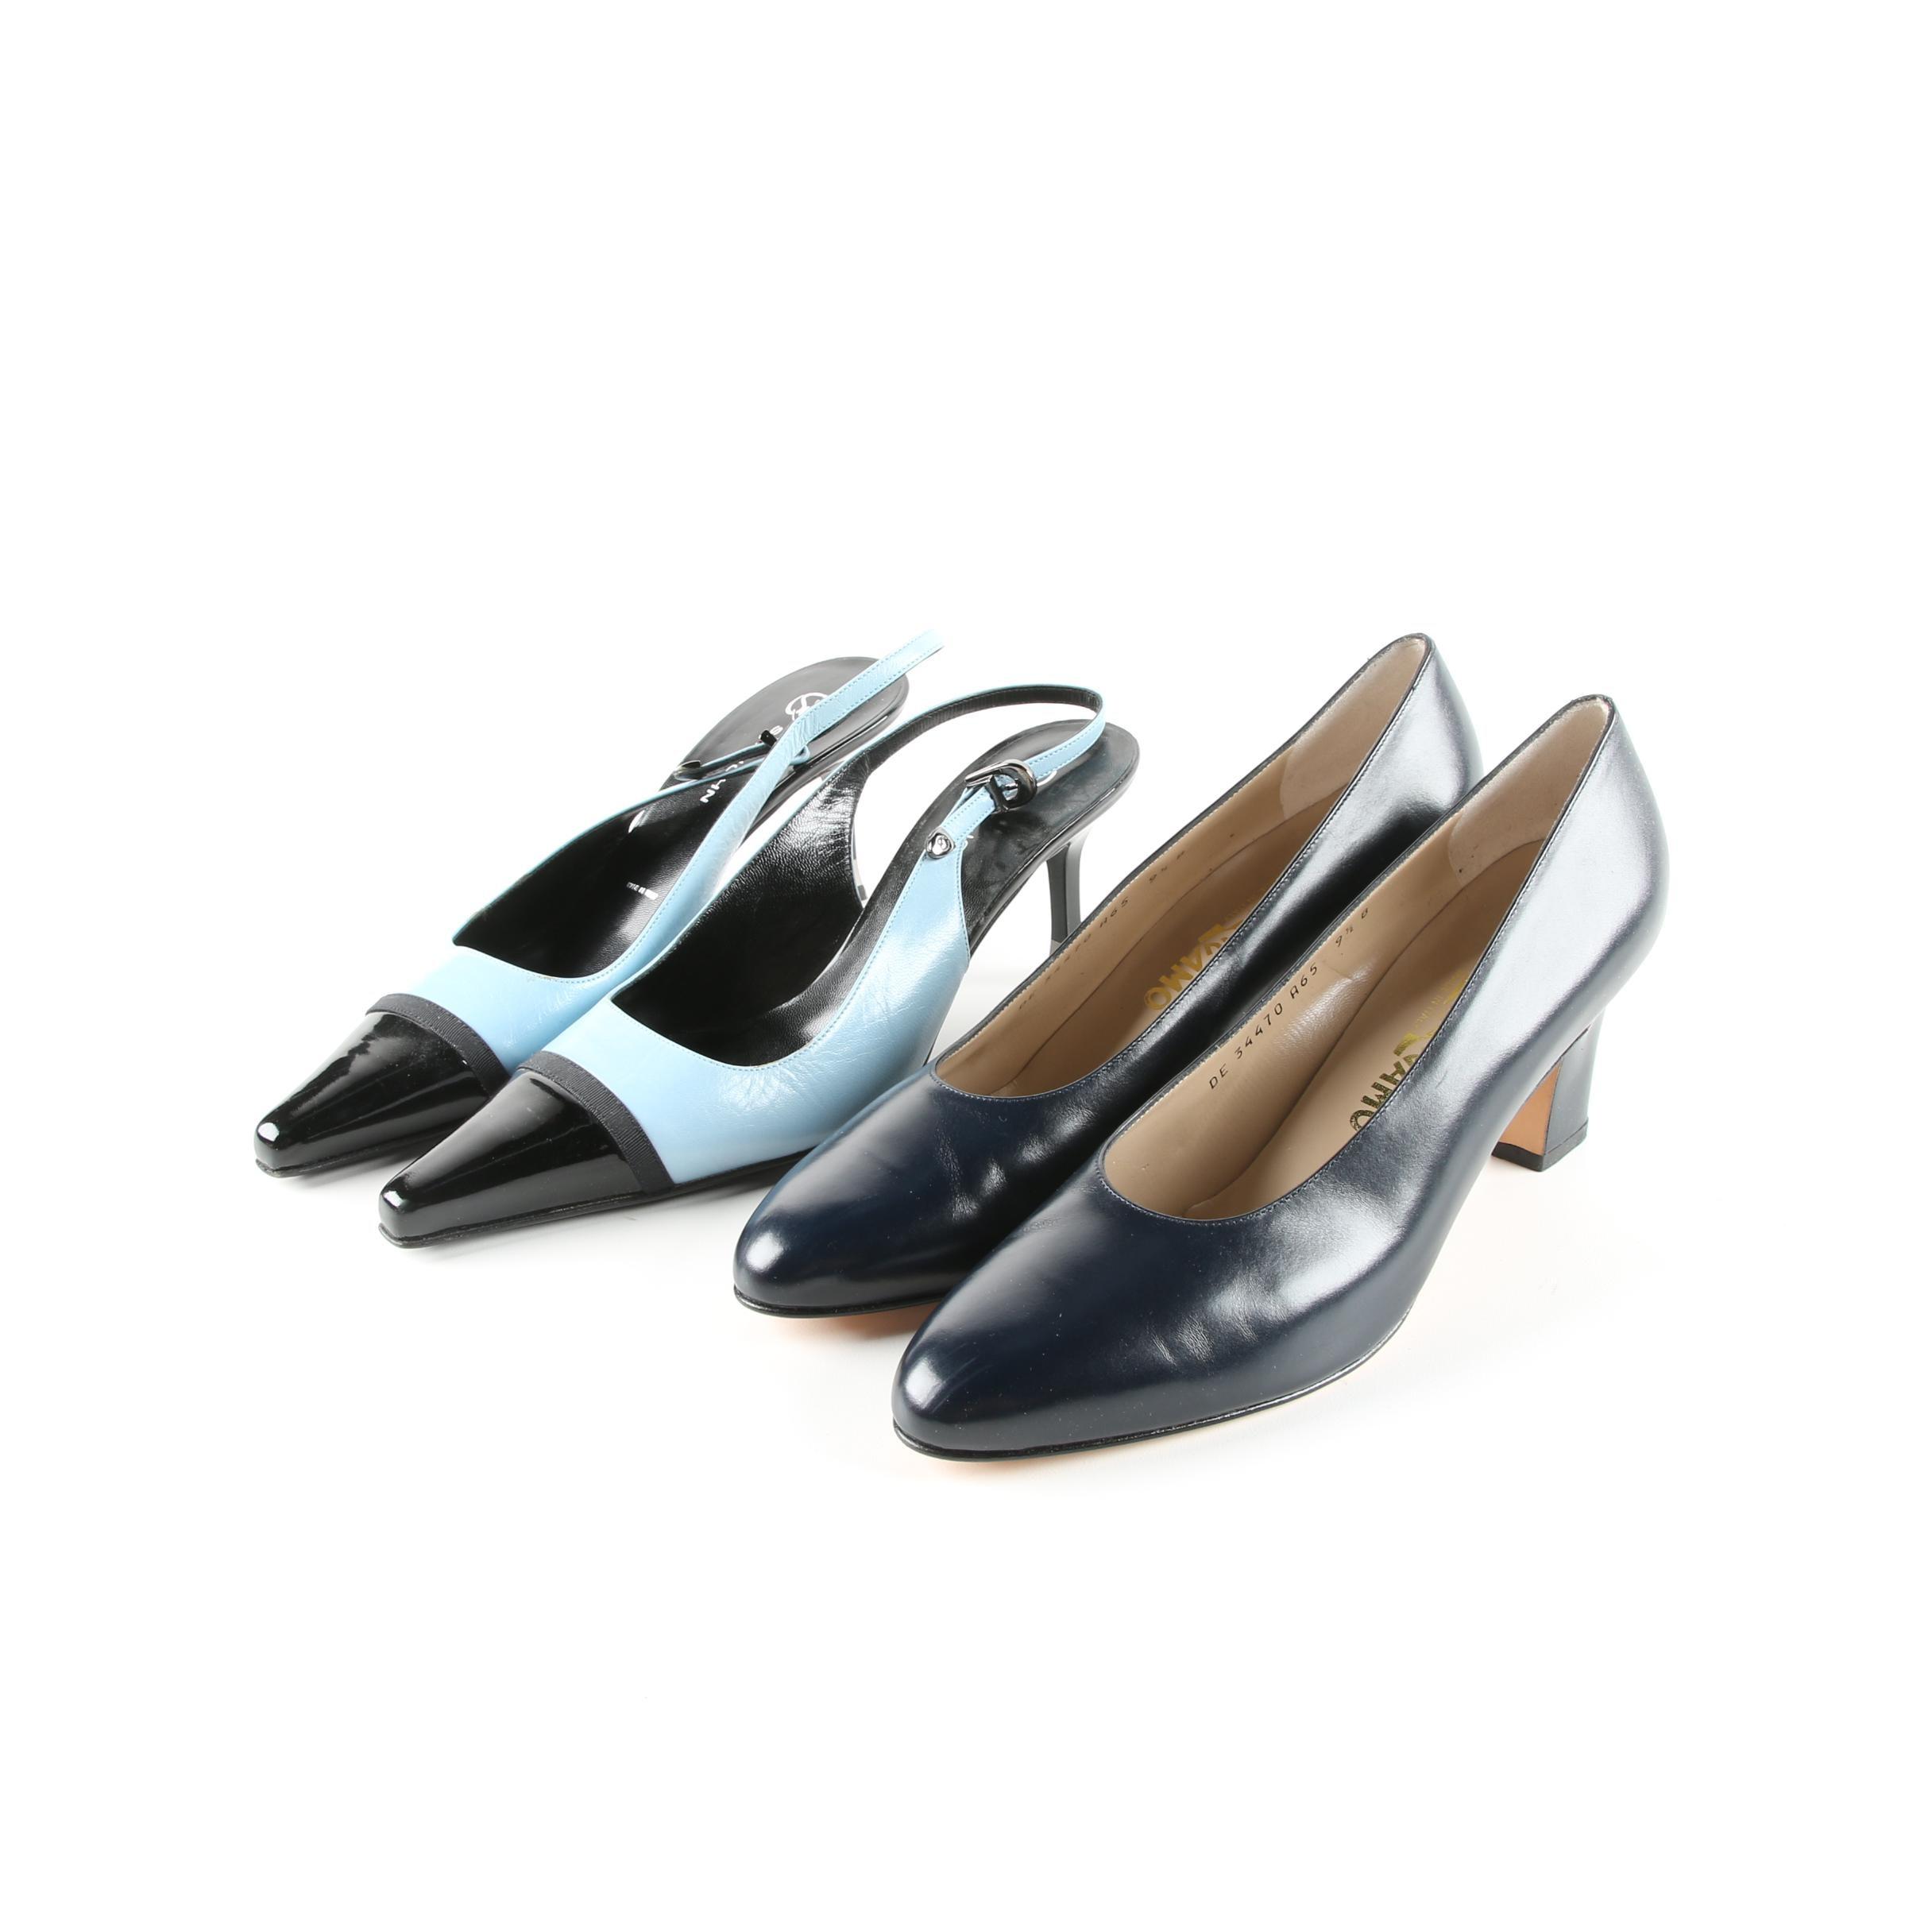 Salvatore Ferragamo Pumps and St. John Slingback Heels